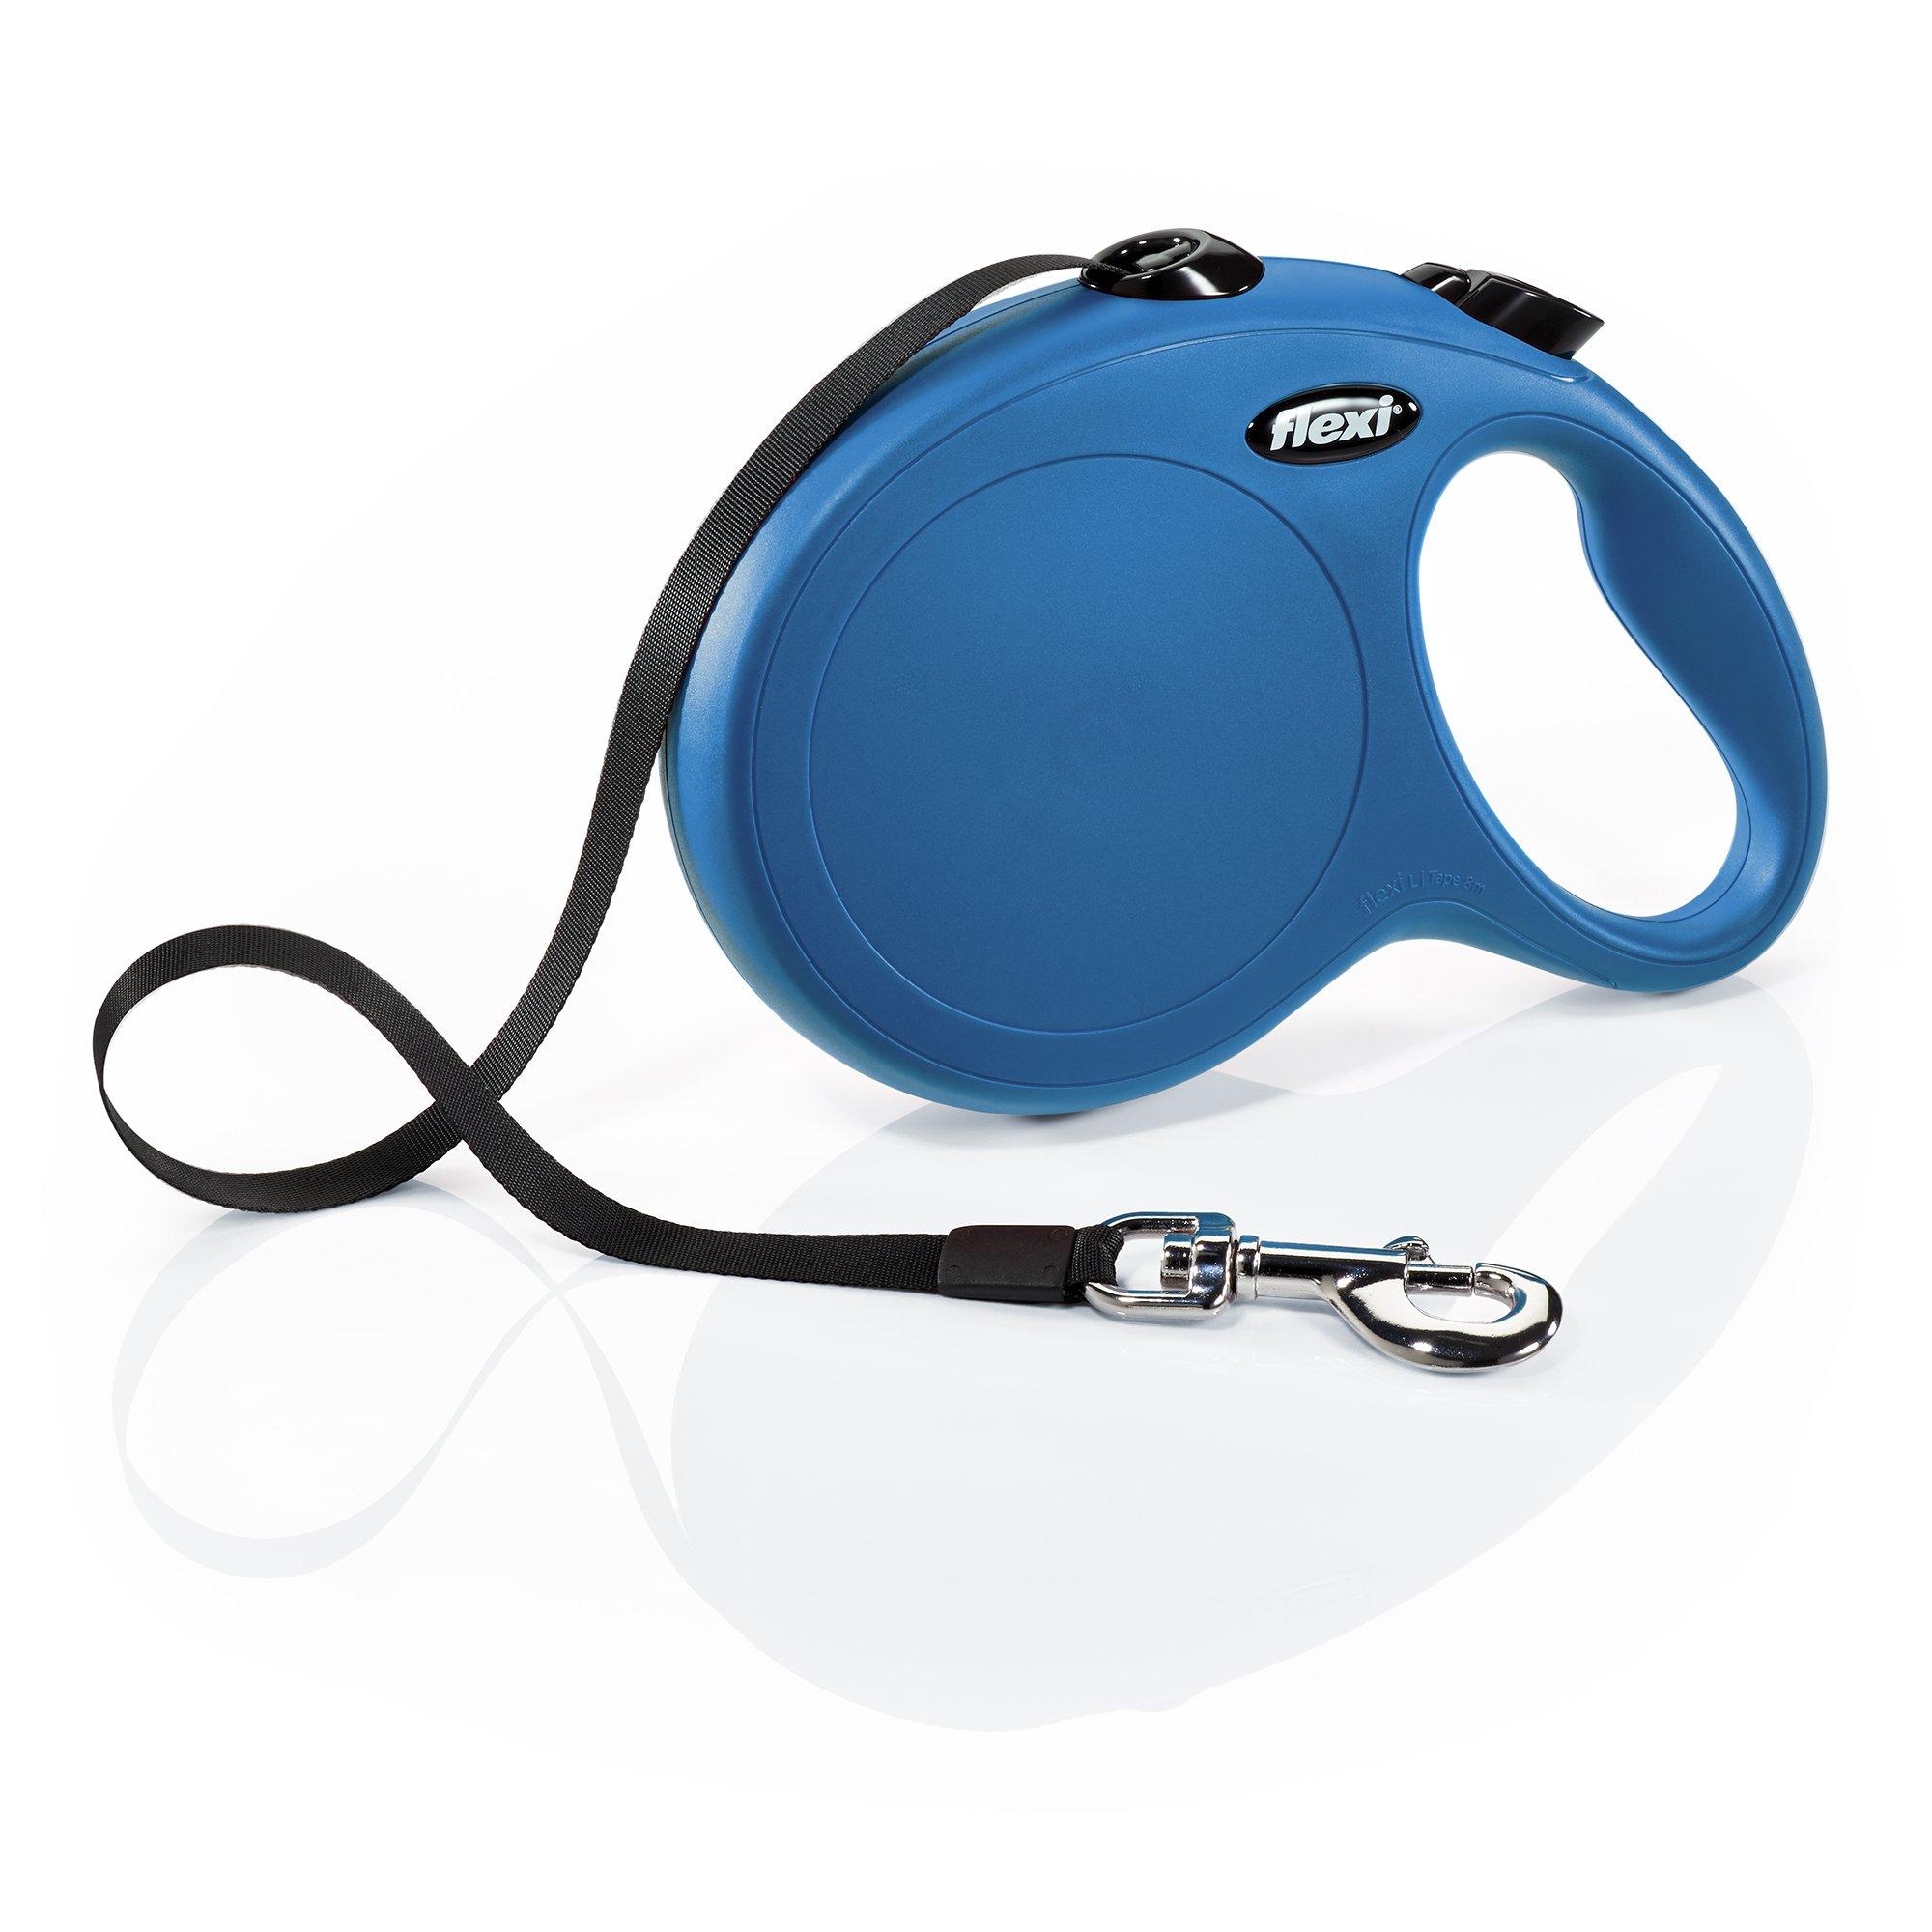 Flexi CL30T8.250.BL New Classic Tape Retractable Leash, Blue, Large/26' by Flexi